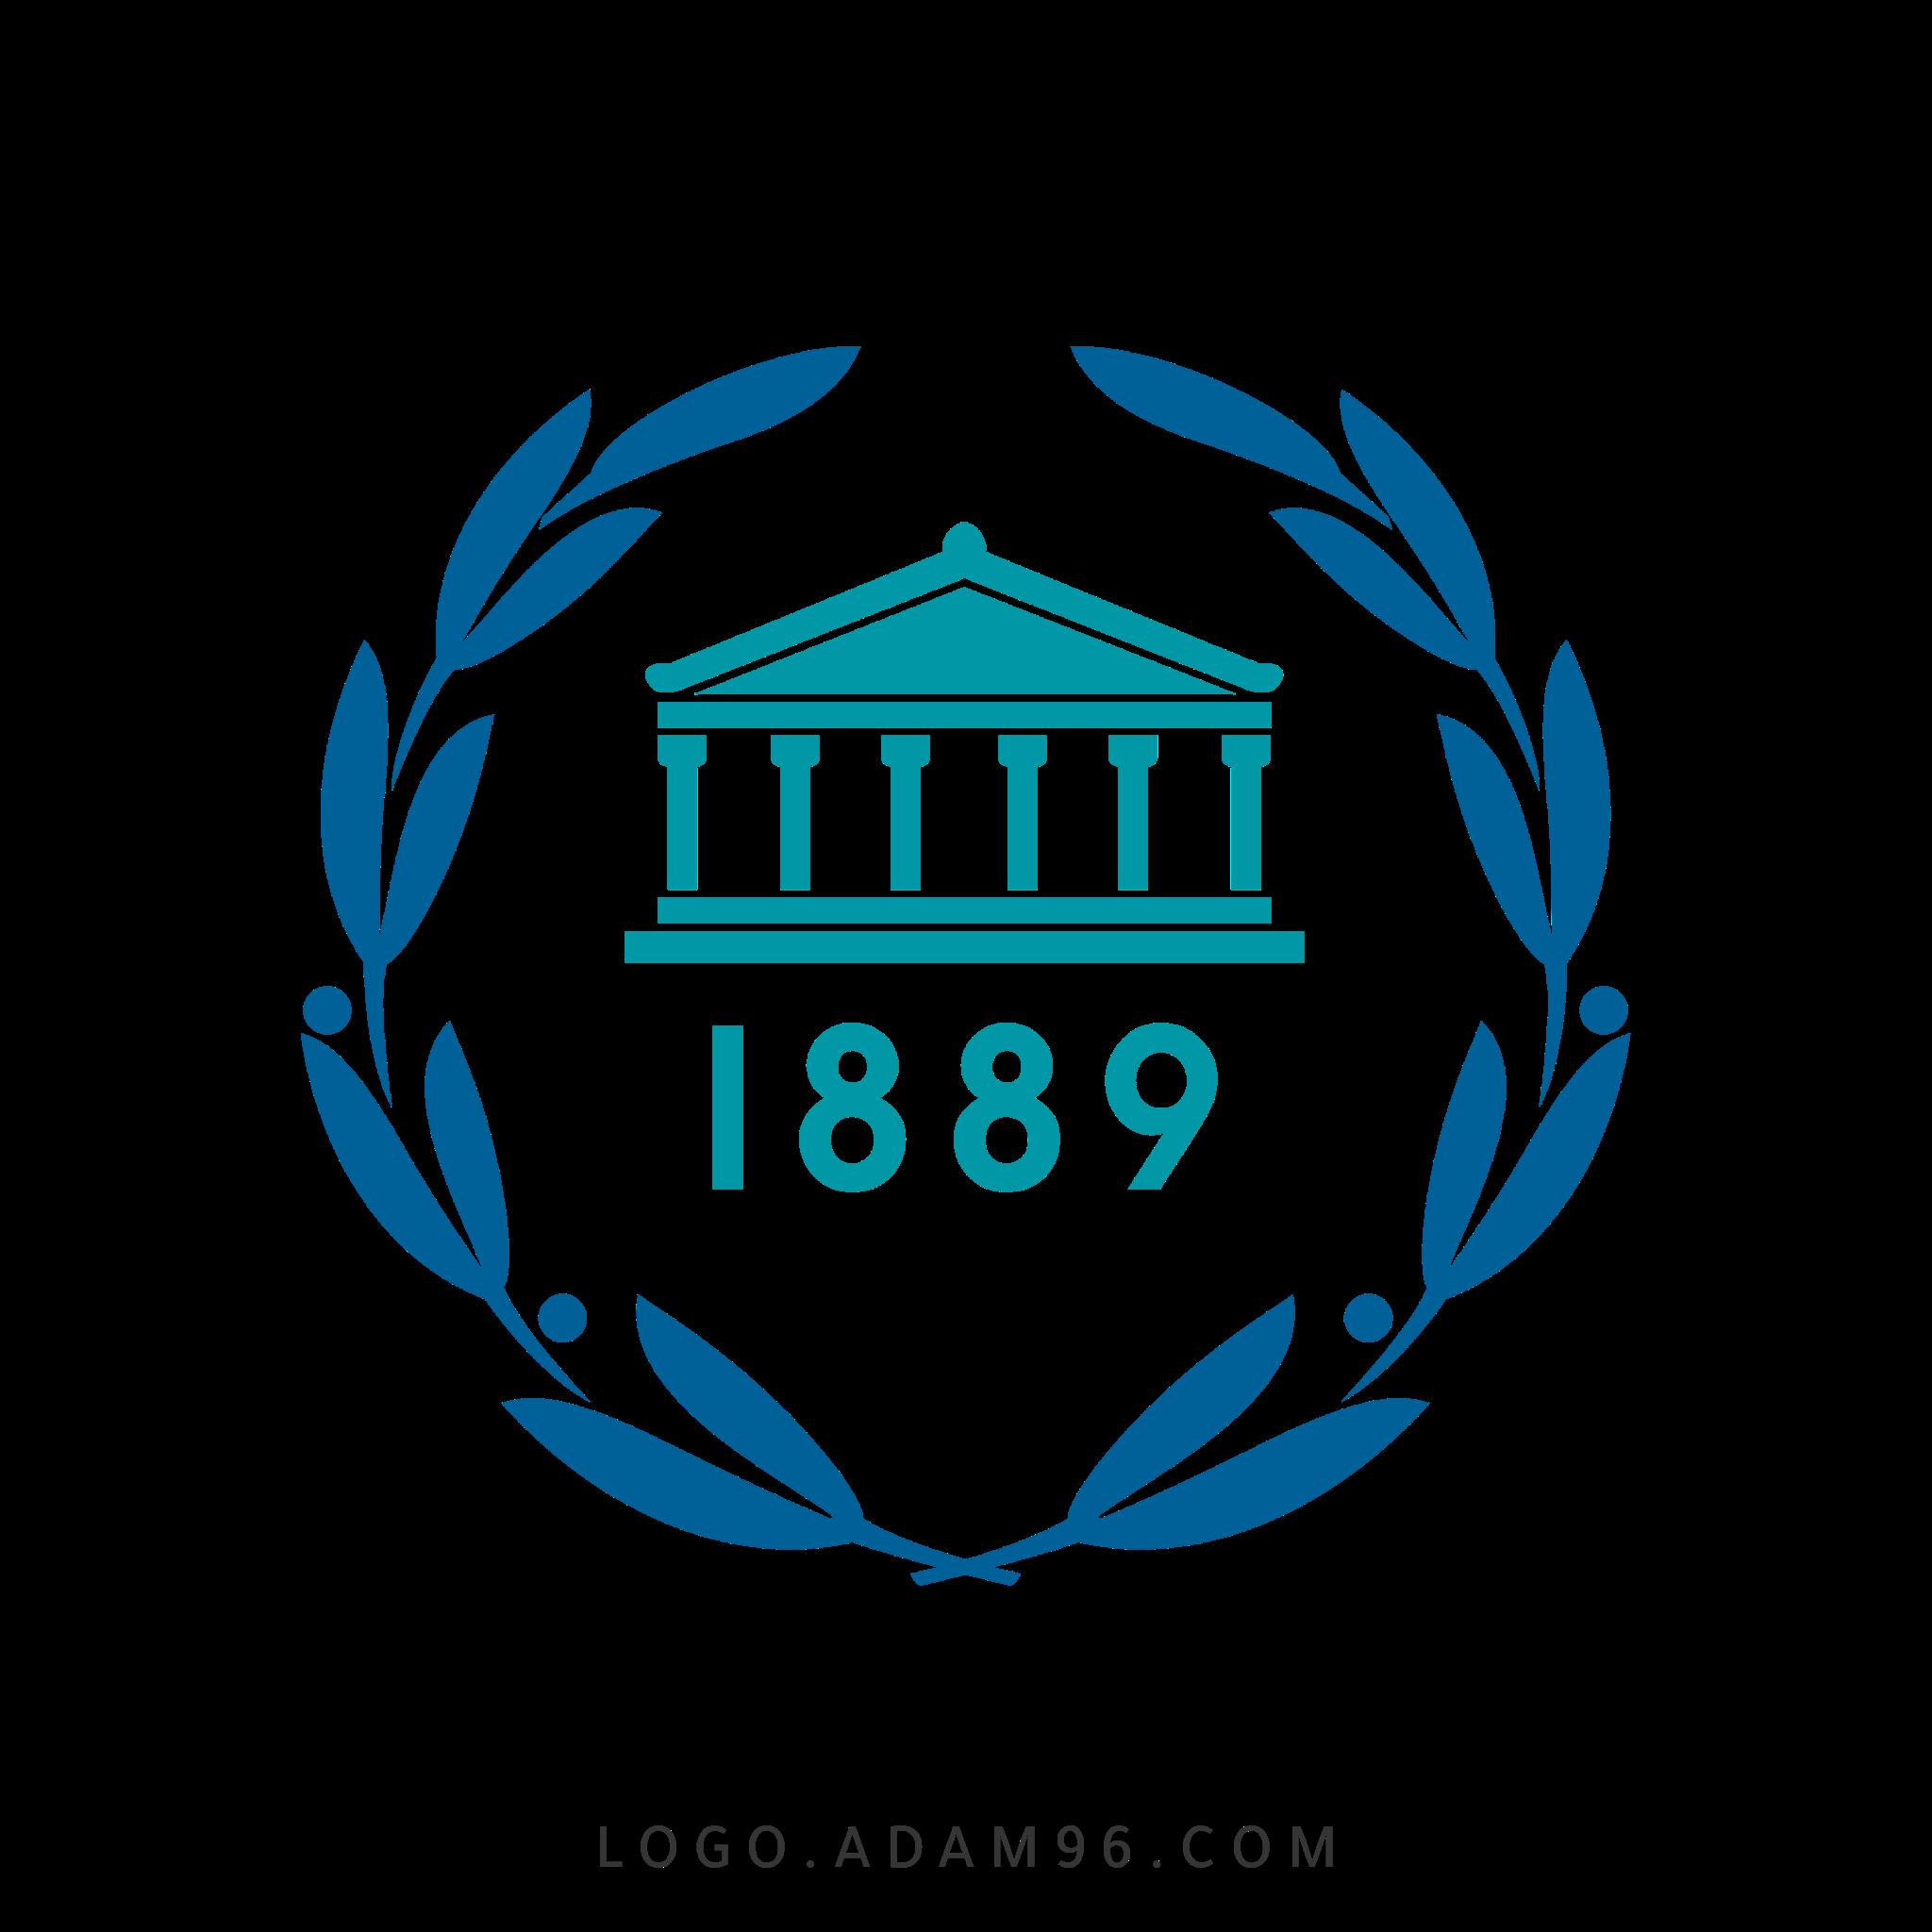 تحميل شعار الاتحاد البرلماني الدولي الرسمي لوجو عالي الجودة بصيغة PNG